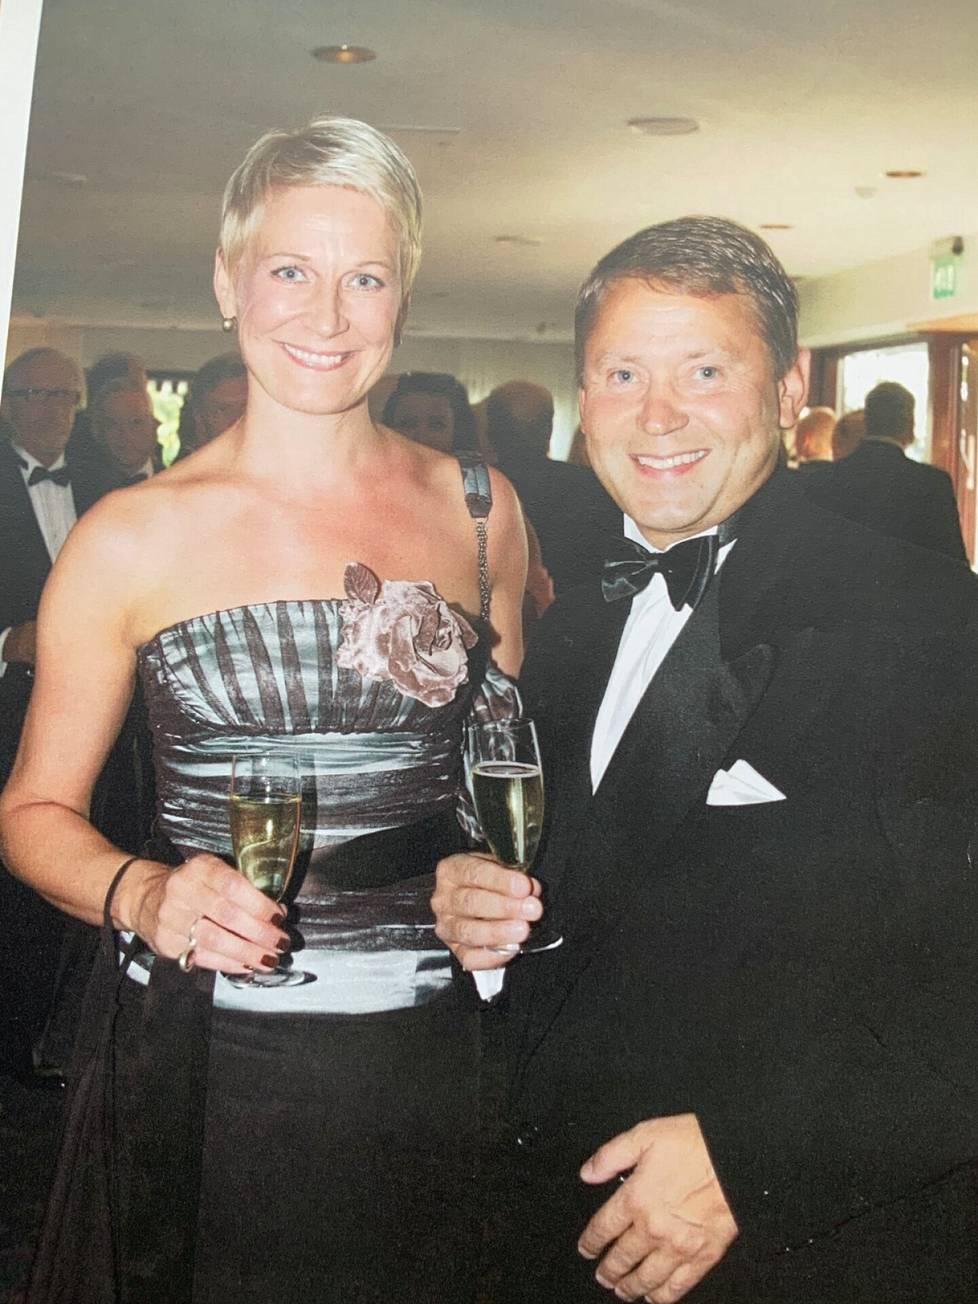 43-VUOTIAS. Timo ja minä siskoni miehen syntymäpäivillä. Minulla on Lontoosta ostamani mekko päällä.